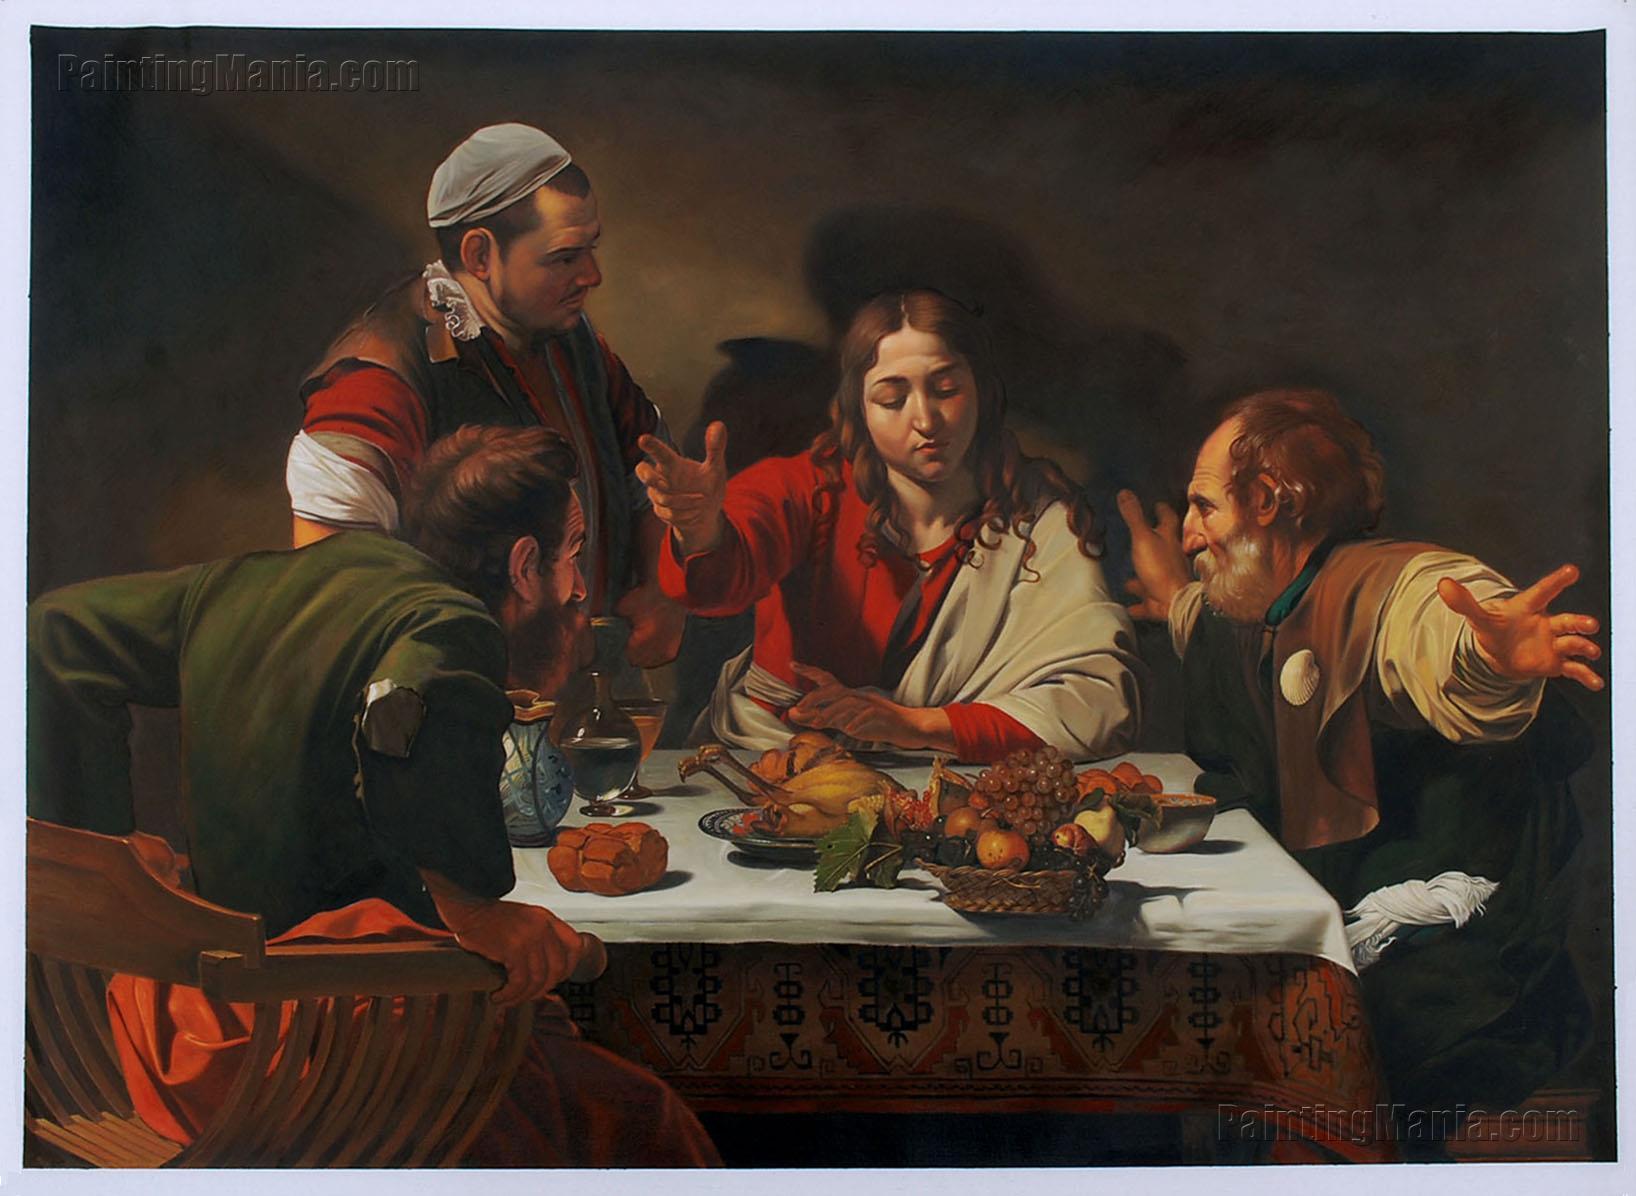 Supper at Emmaus (Cena in Emmaus)